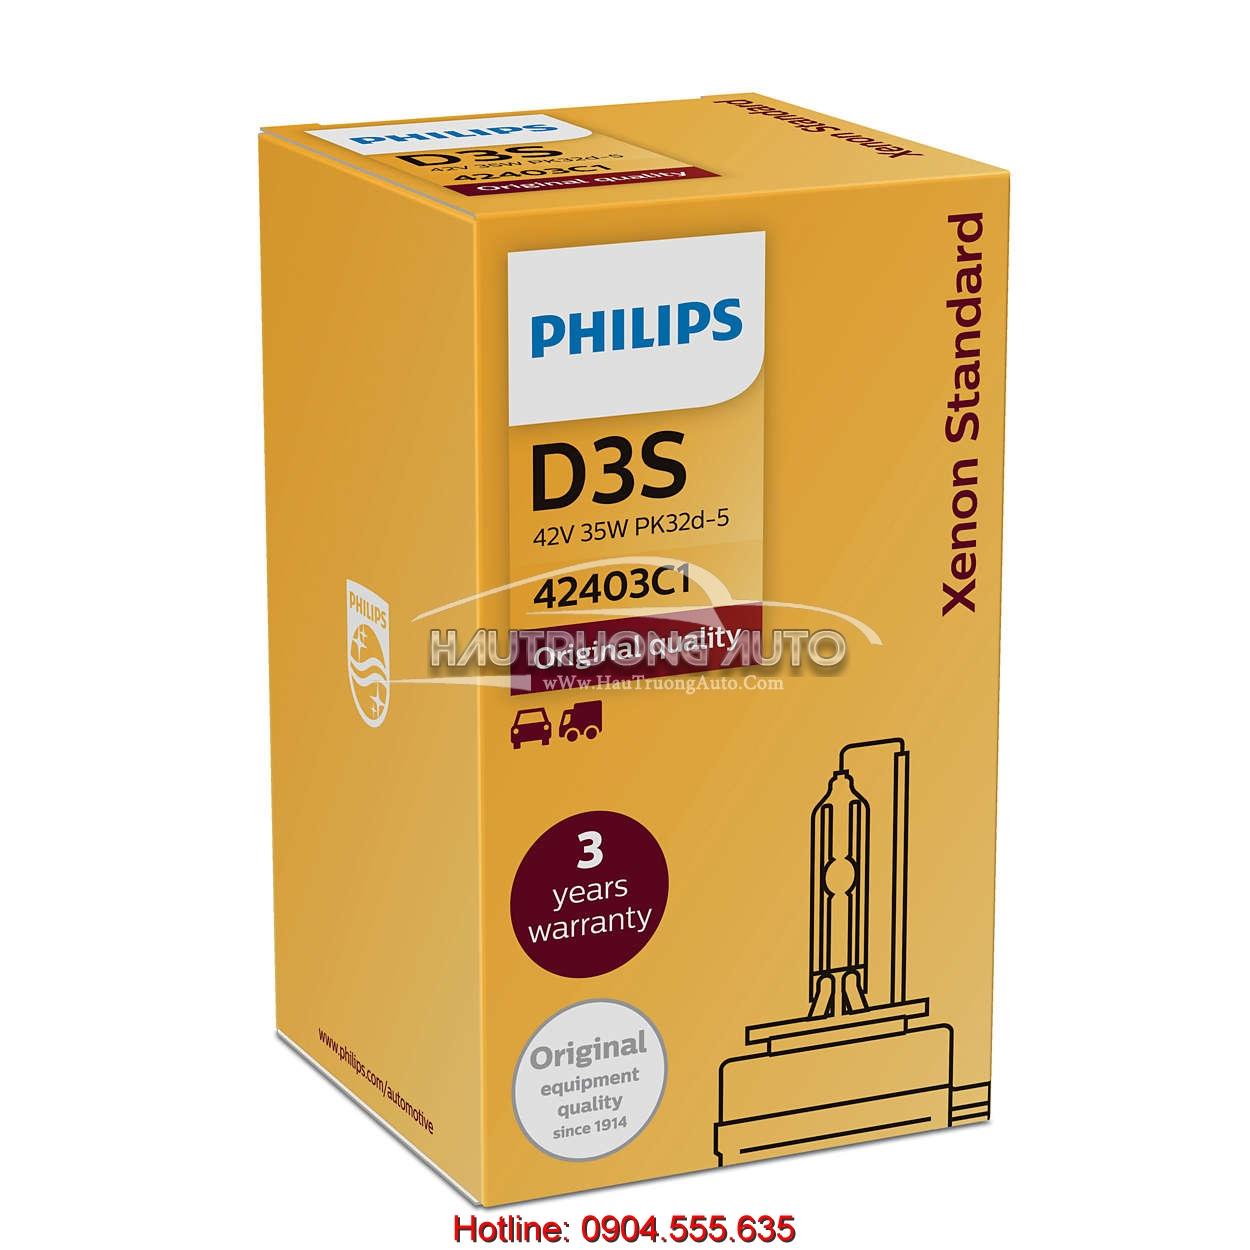 Bóng đèn Philips tiêu chuẩn D3S